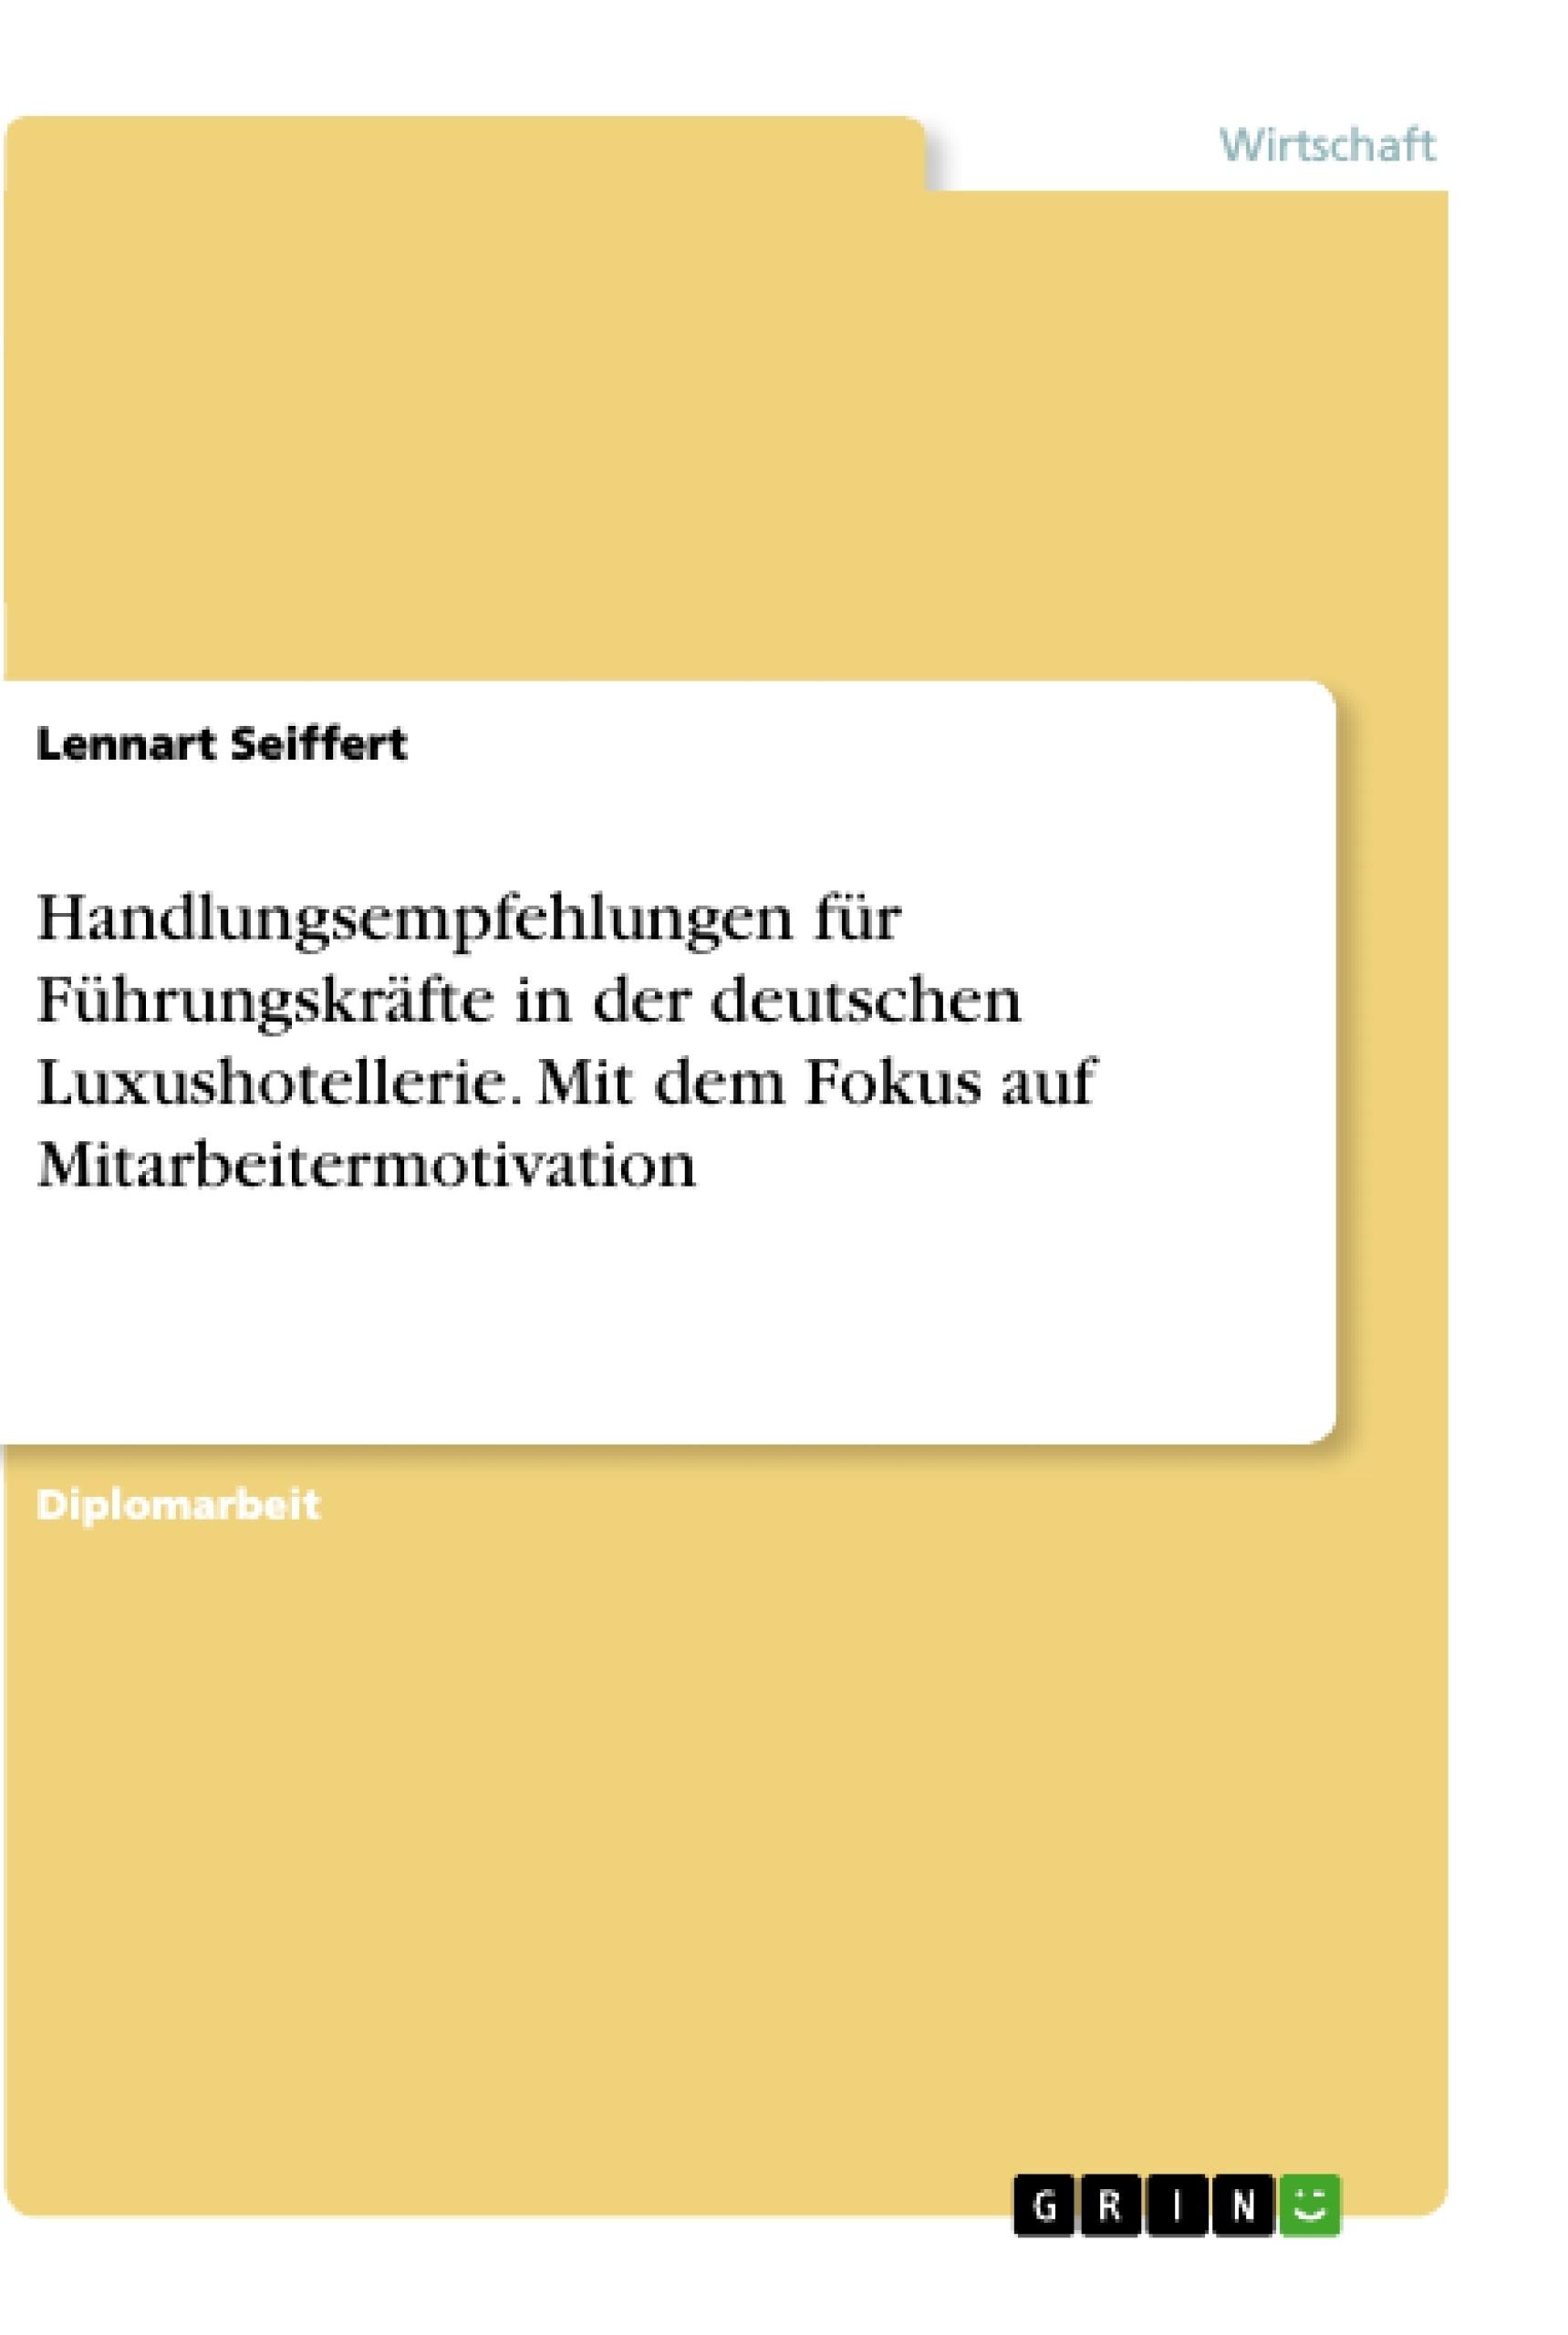 Titel: Handlungsempfehlungen für Führungskräfte in der deutschen Luxushotellerie. Mit dem Fokus auf Mitarbeitermotivation